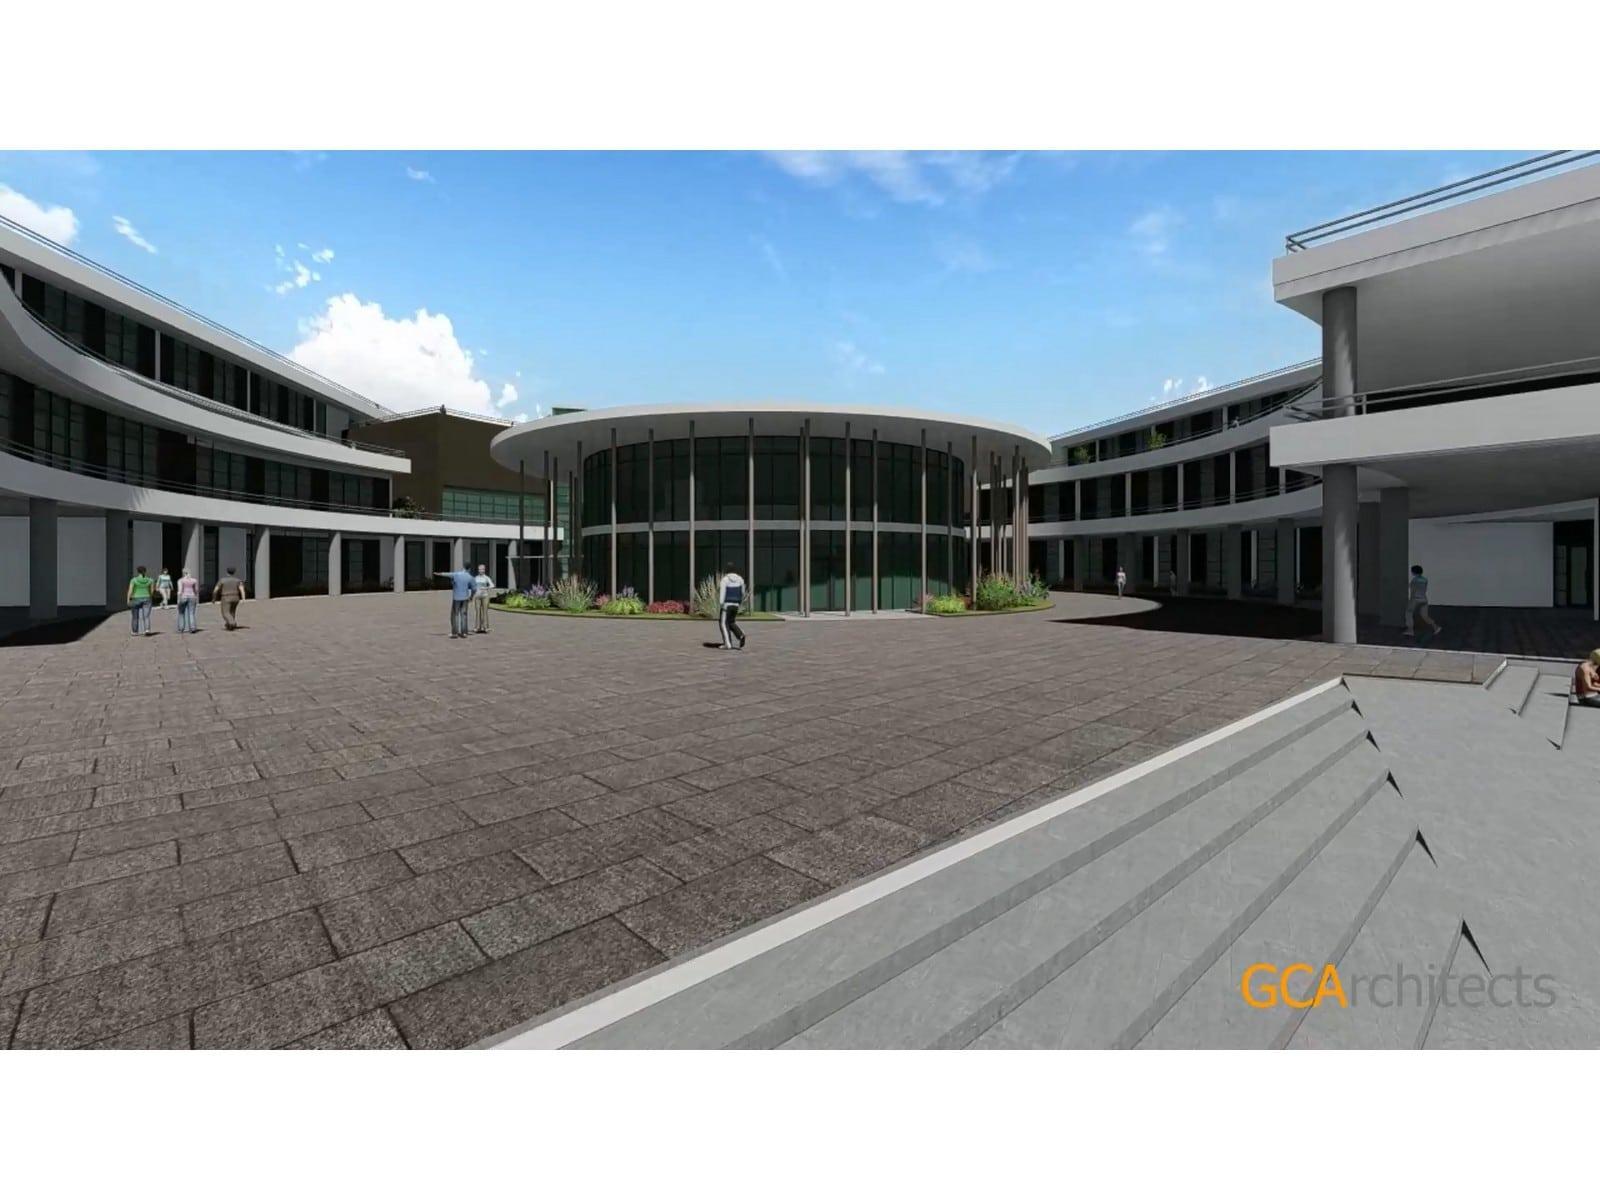 proyecto-de-construccin-de-las-dos-nuevas-escuelas-de-bayside-y-westside-en-waterport-gibraltar_27712734618_o